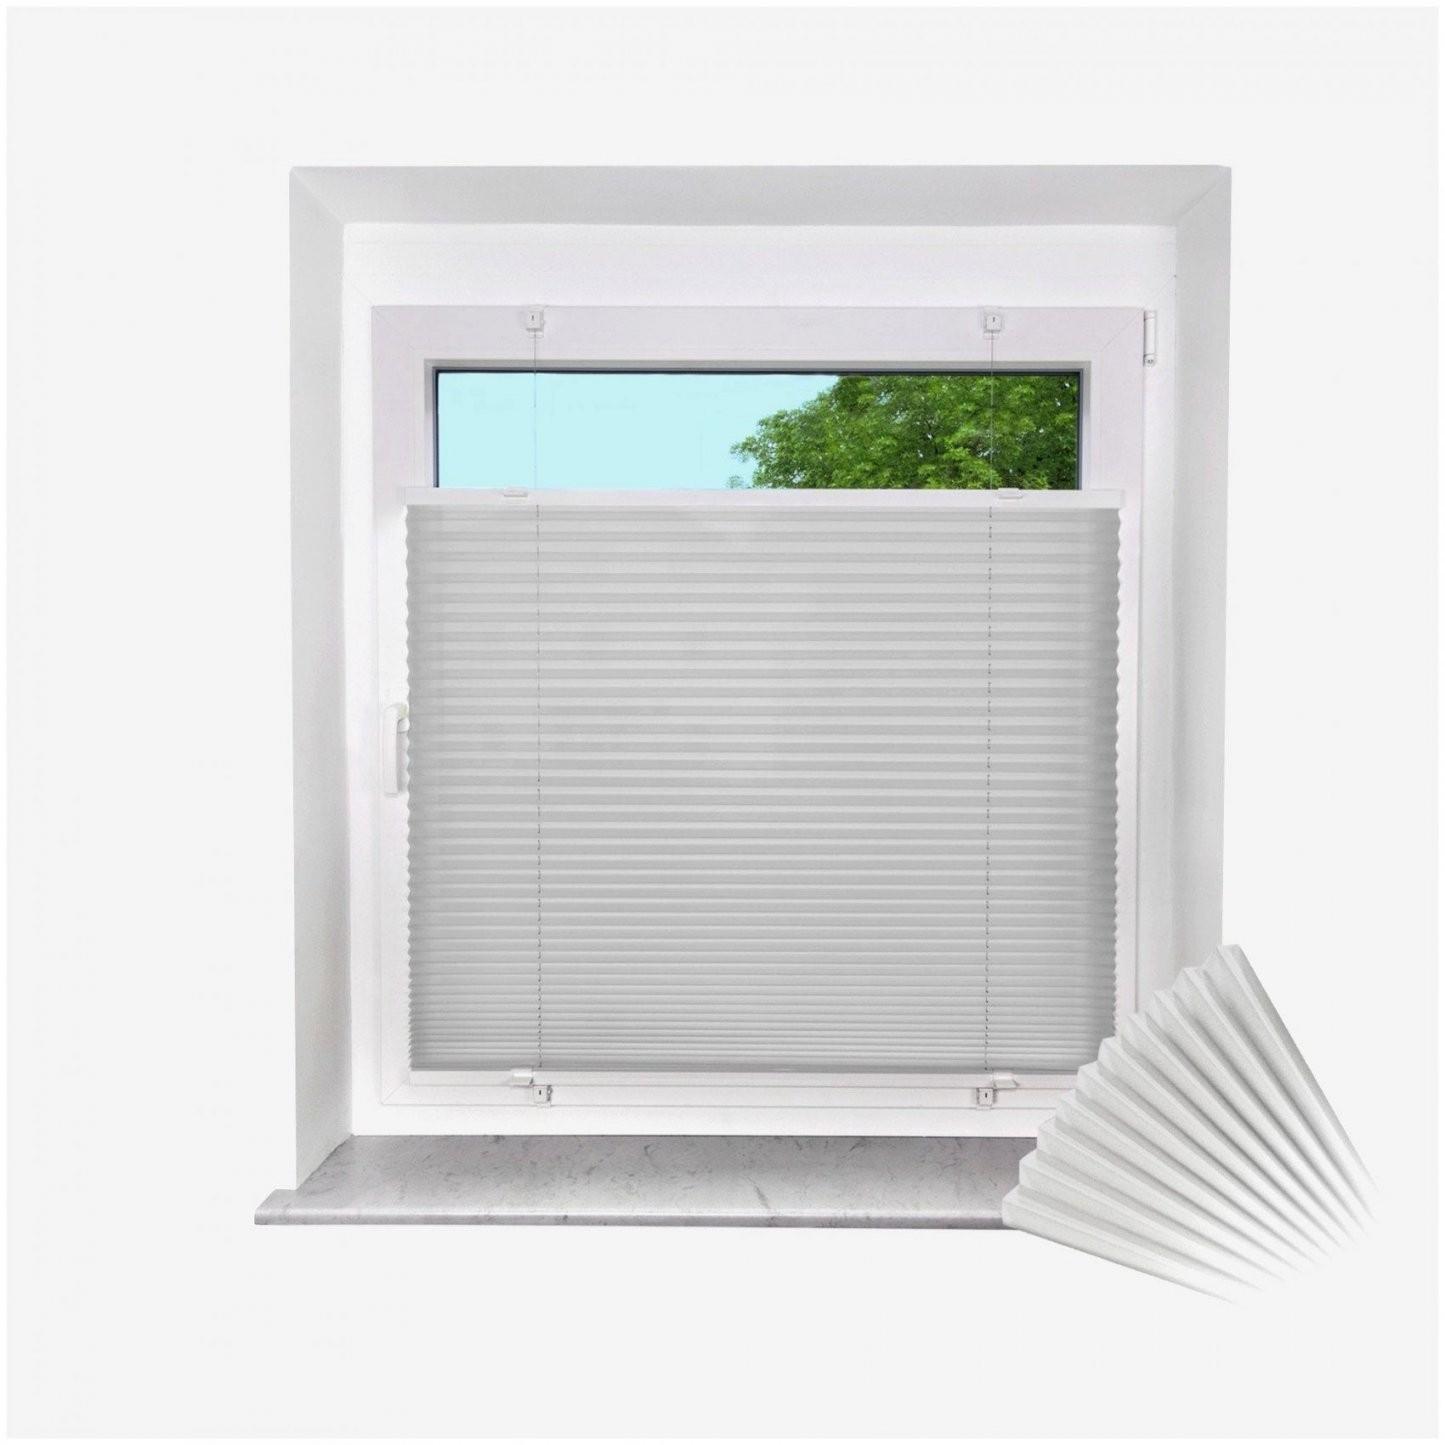 Fenster Rollo Zum Einhängen 433687 Wunderbar Rollos Zum Einhängen von Rollos Zum Einhängen Ins Fenster Photo